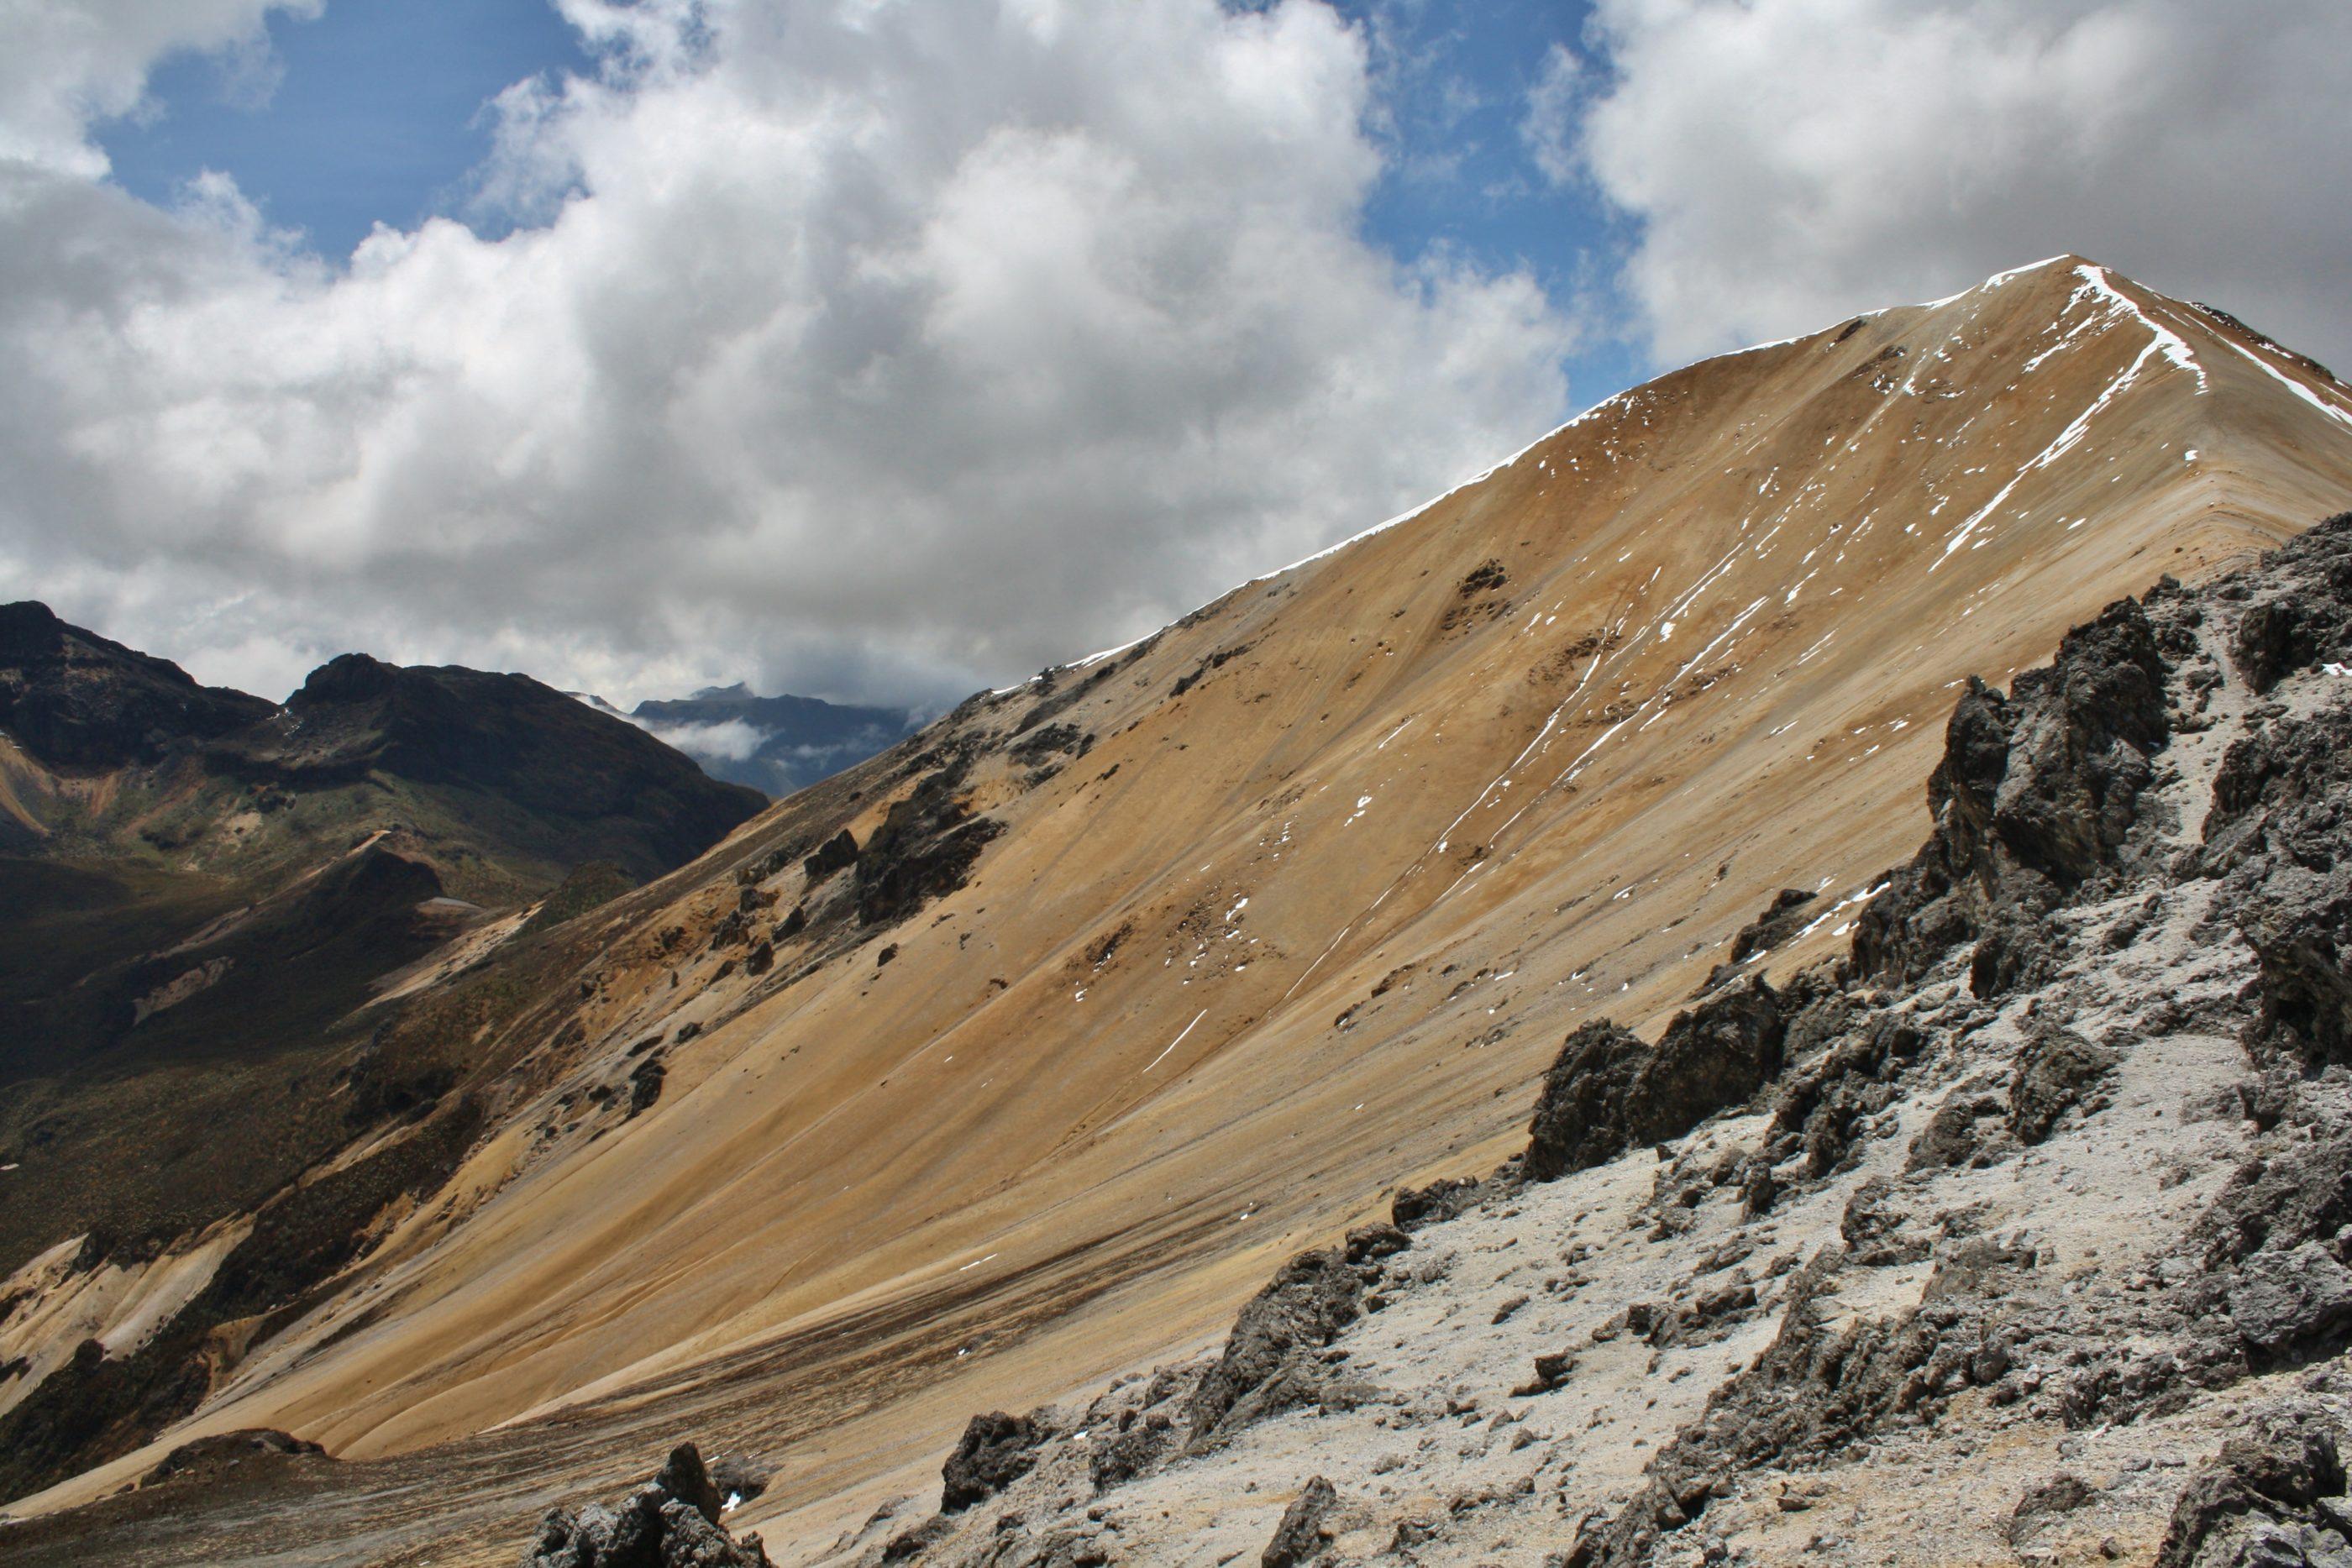 Die letzten Meter: Blick auf den Gipfel